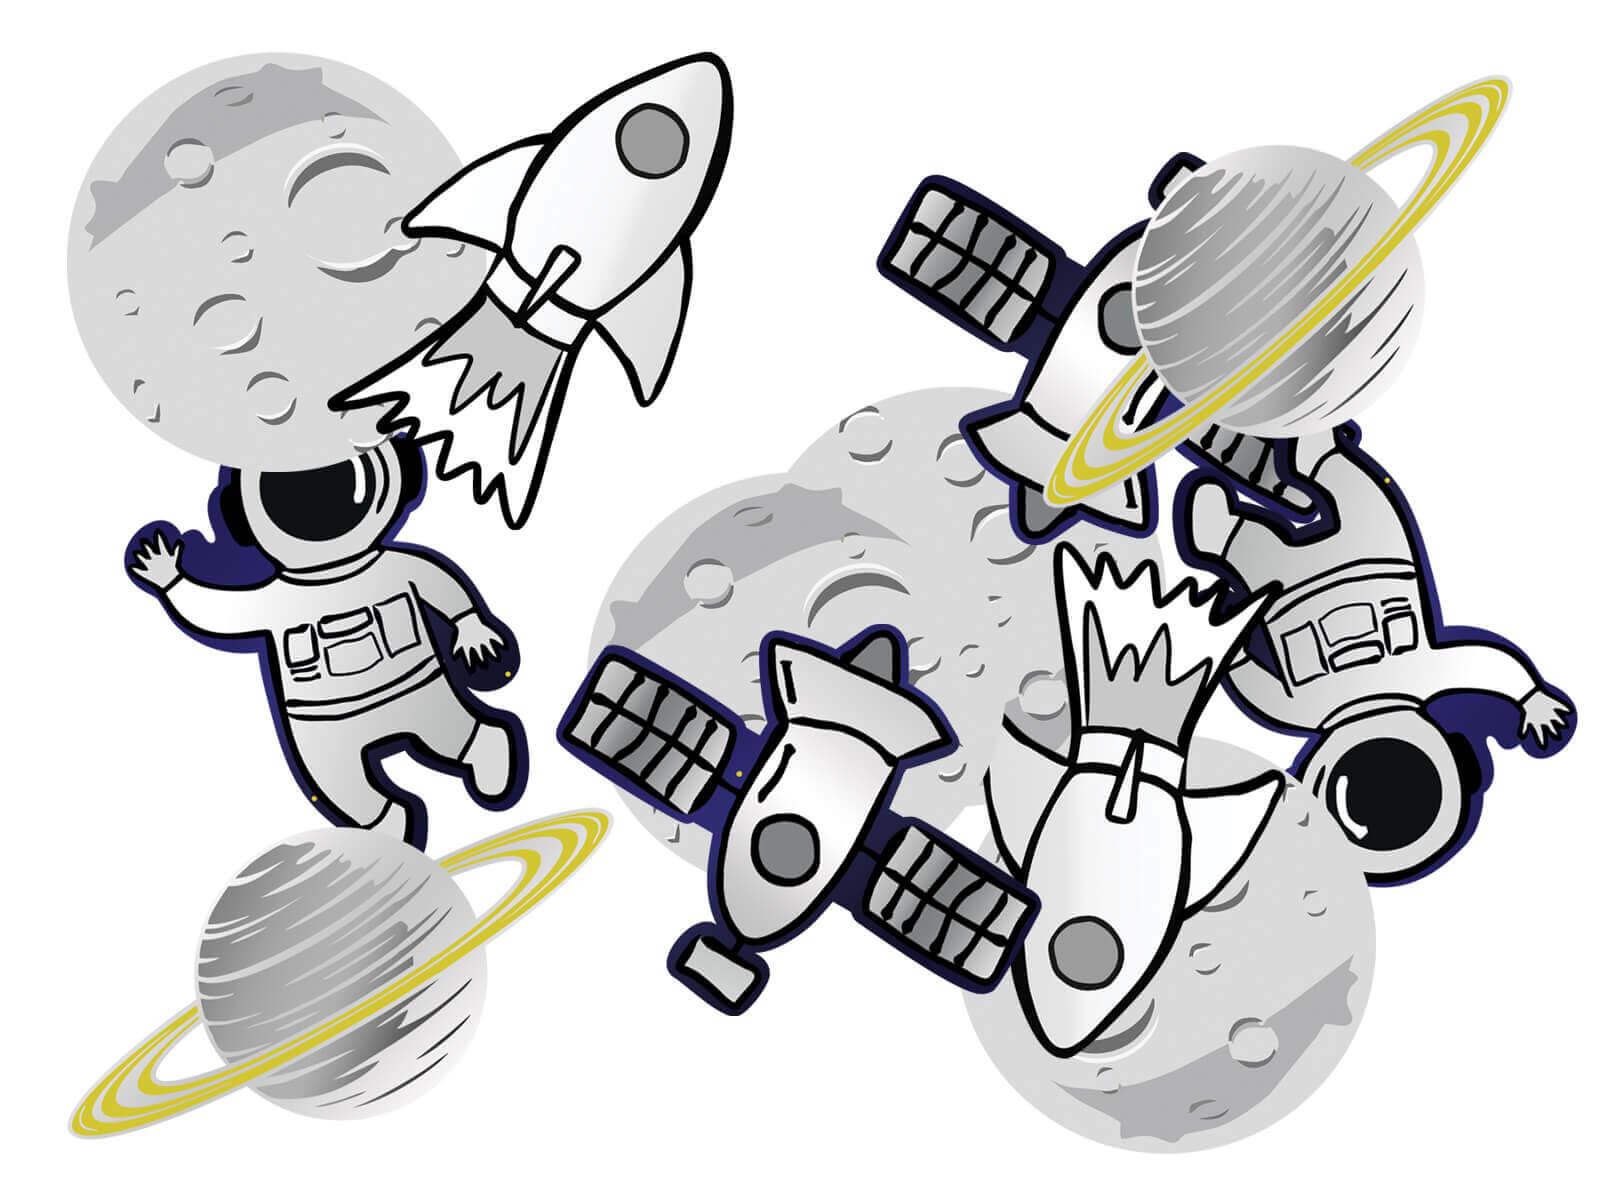 Dekoracja papierowa dwustronna Kosmos, 12 szt.